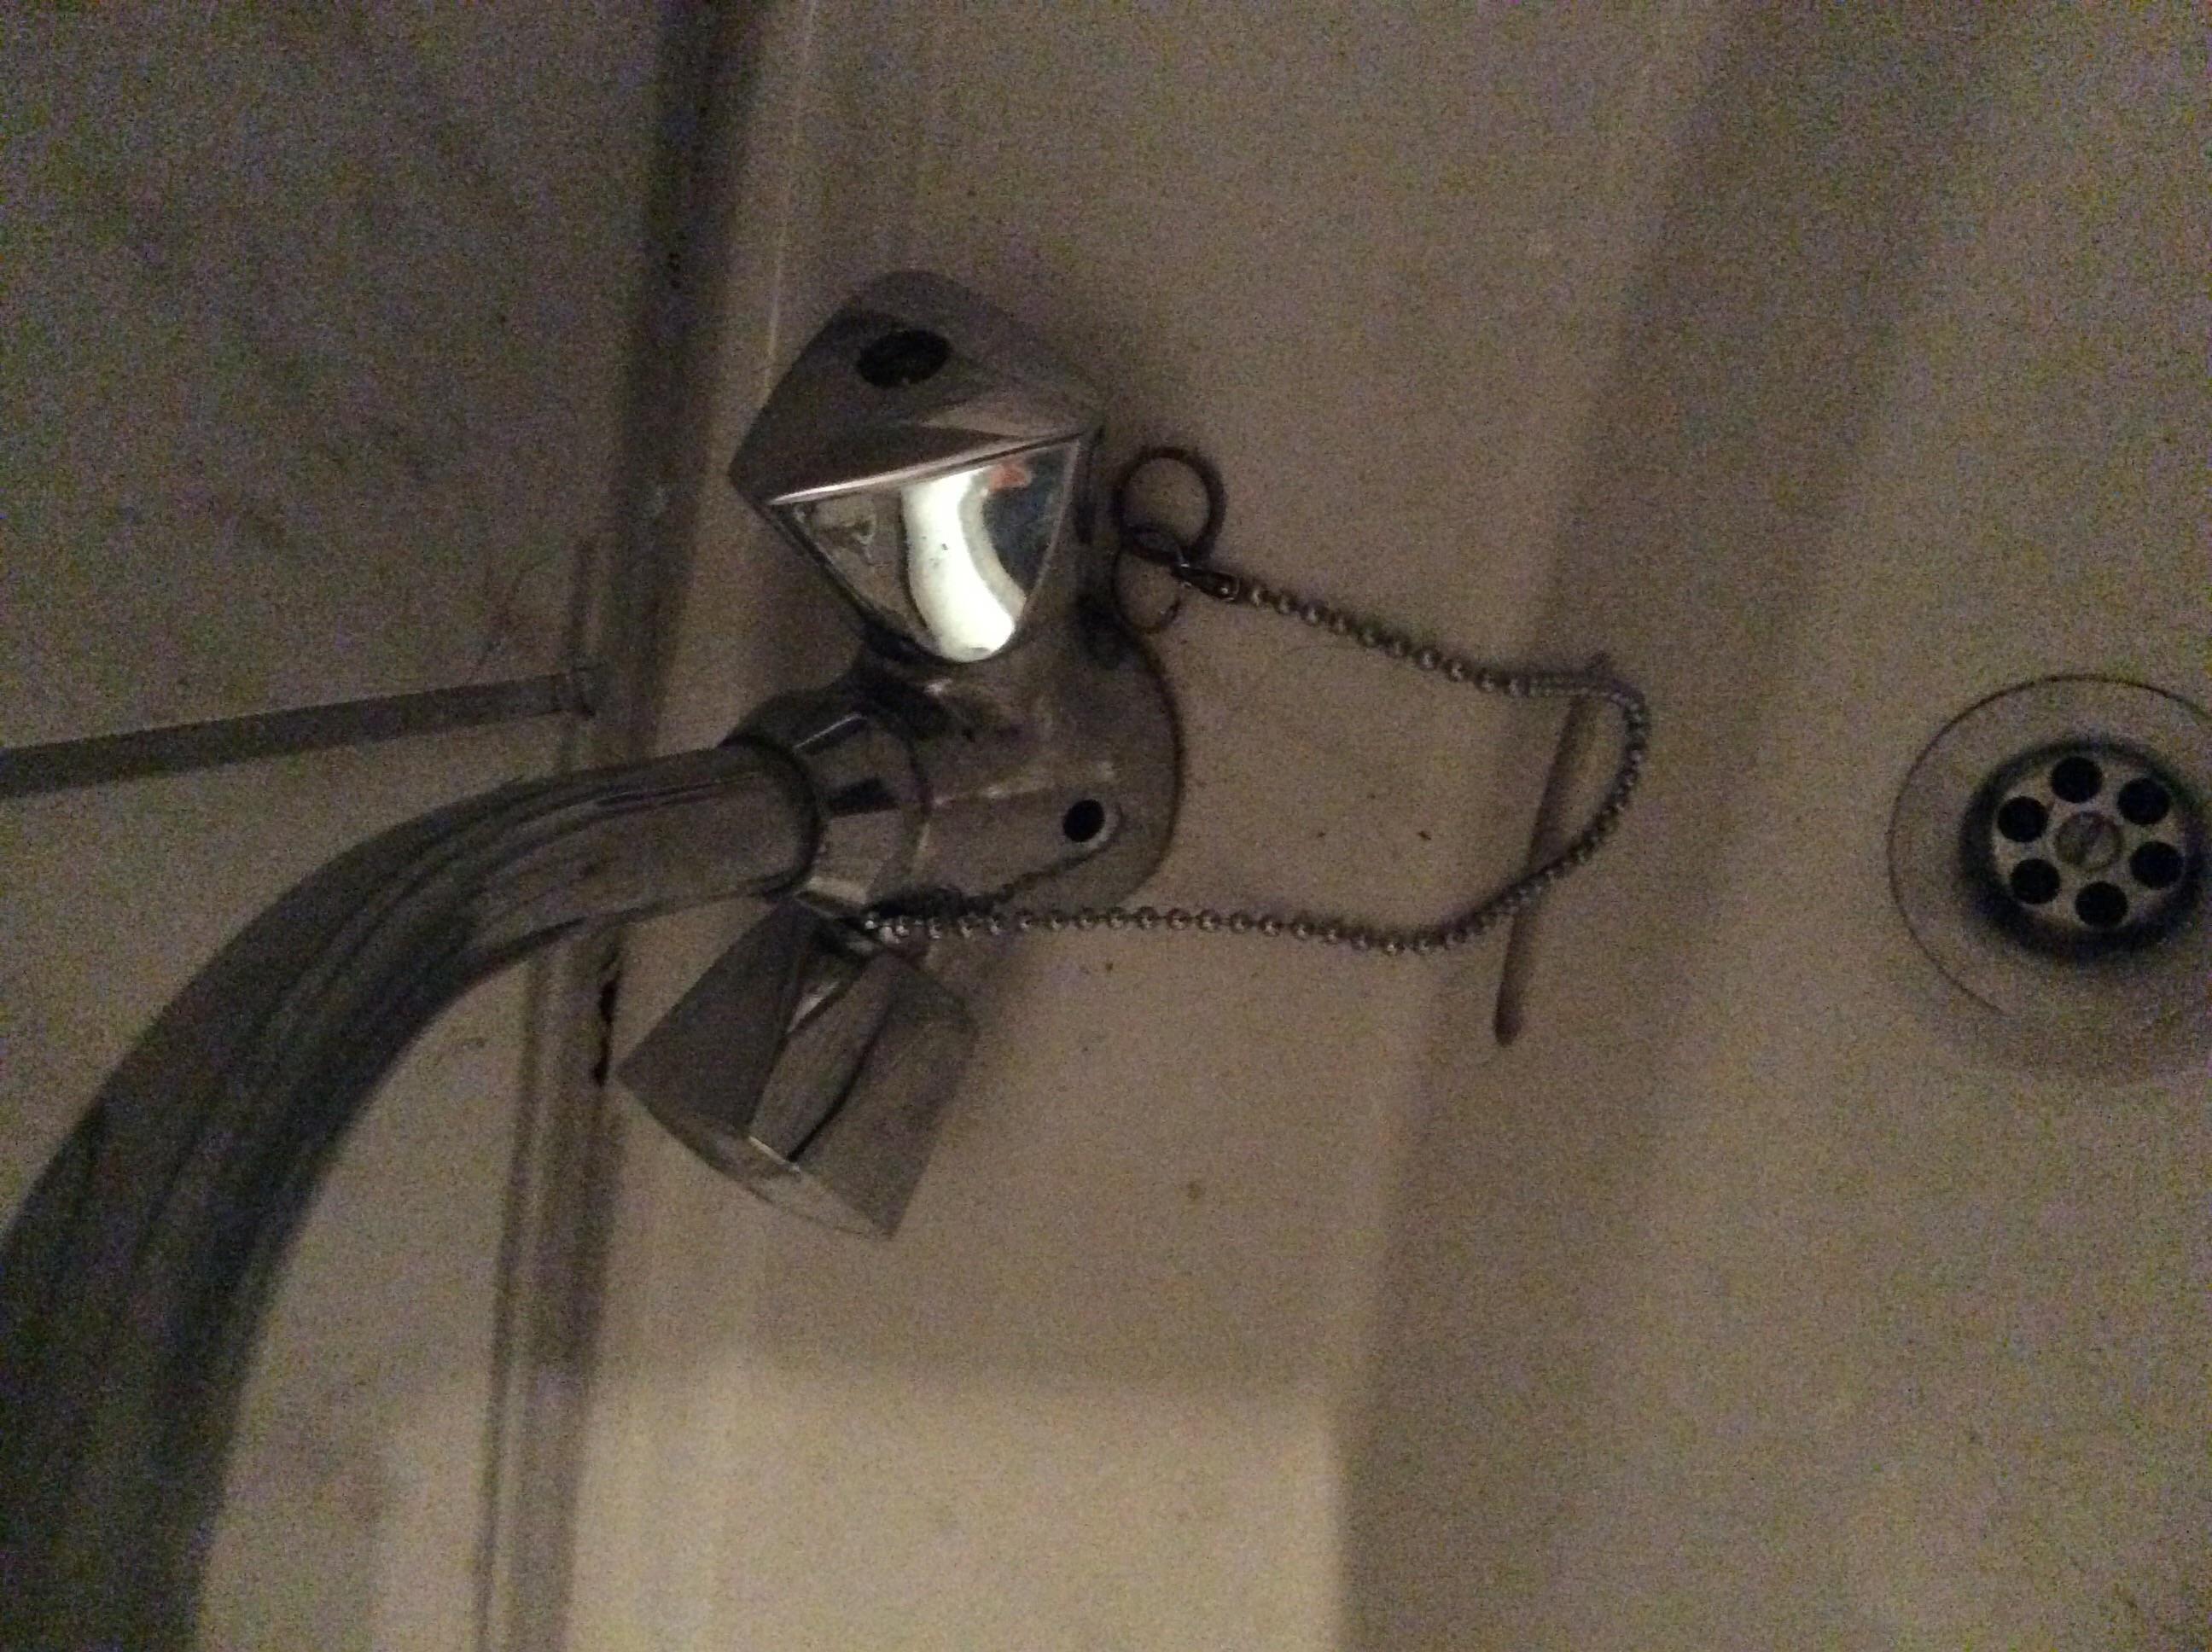 basezimmerwasserhahndrehknopf defekt Bitte schnelle Hilfe  ~ Wasserhahn Waschmaschine Abdrehen